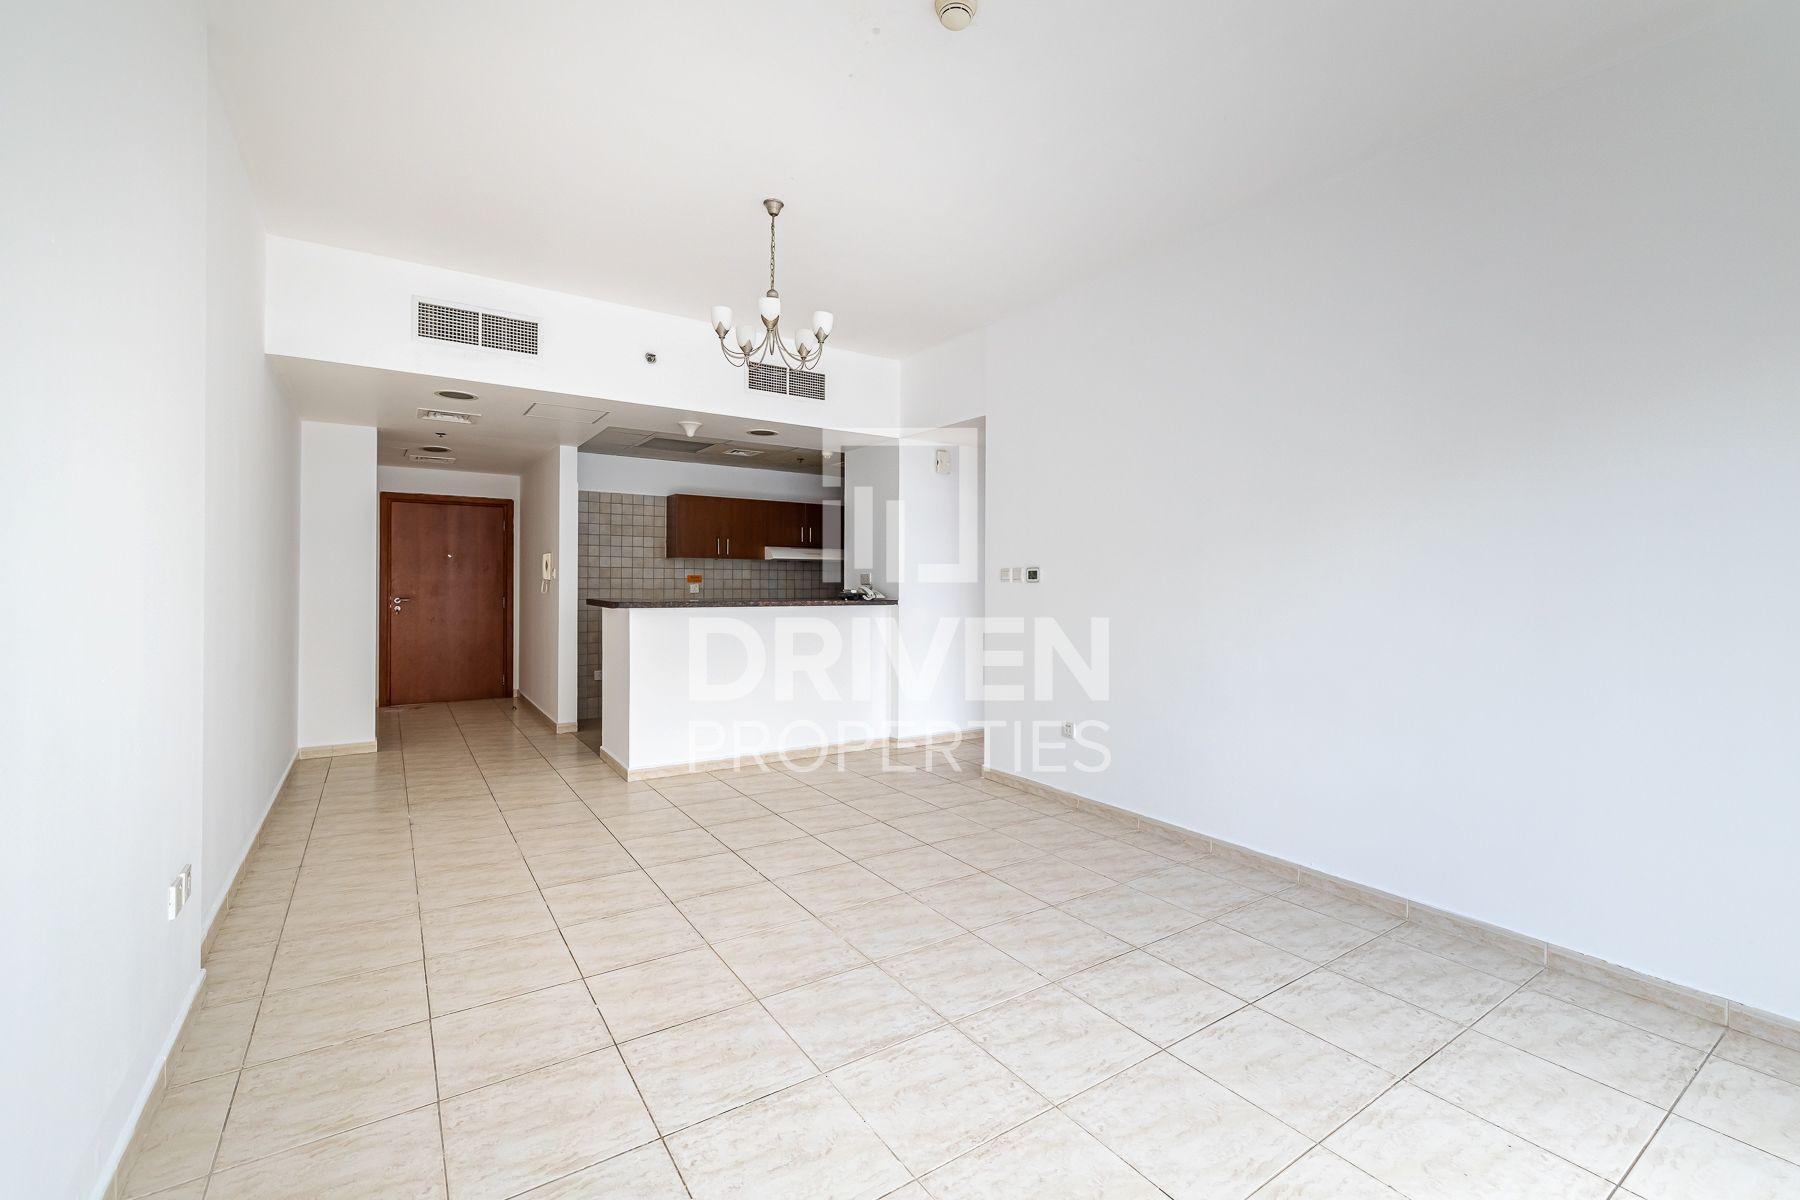 734 قدم مربع  شقة - للايجار - دبي لاند